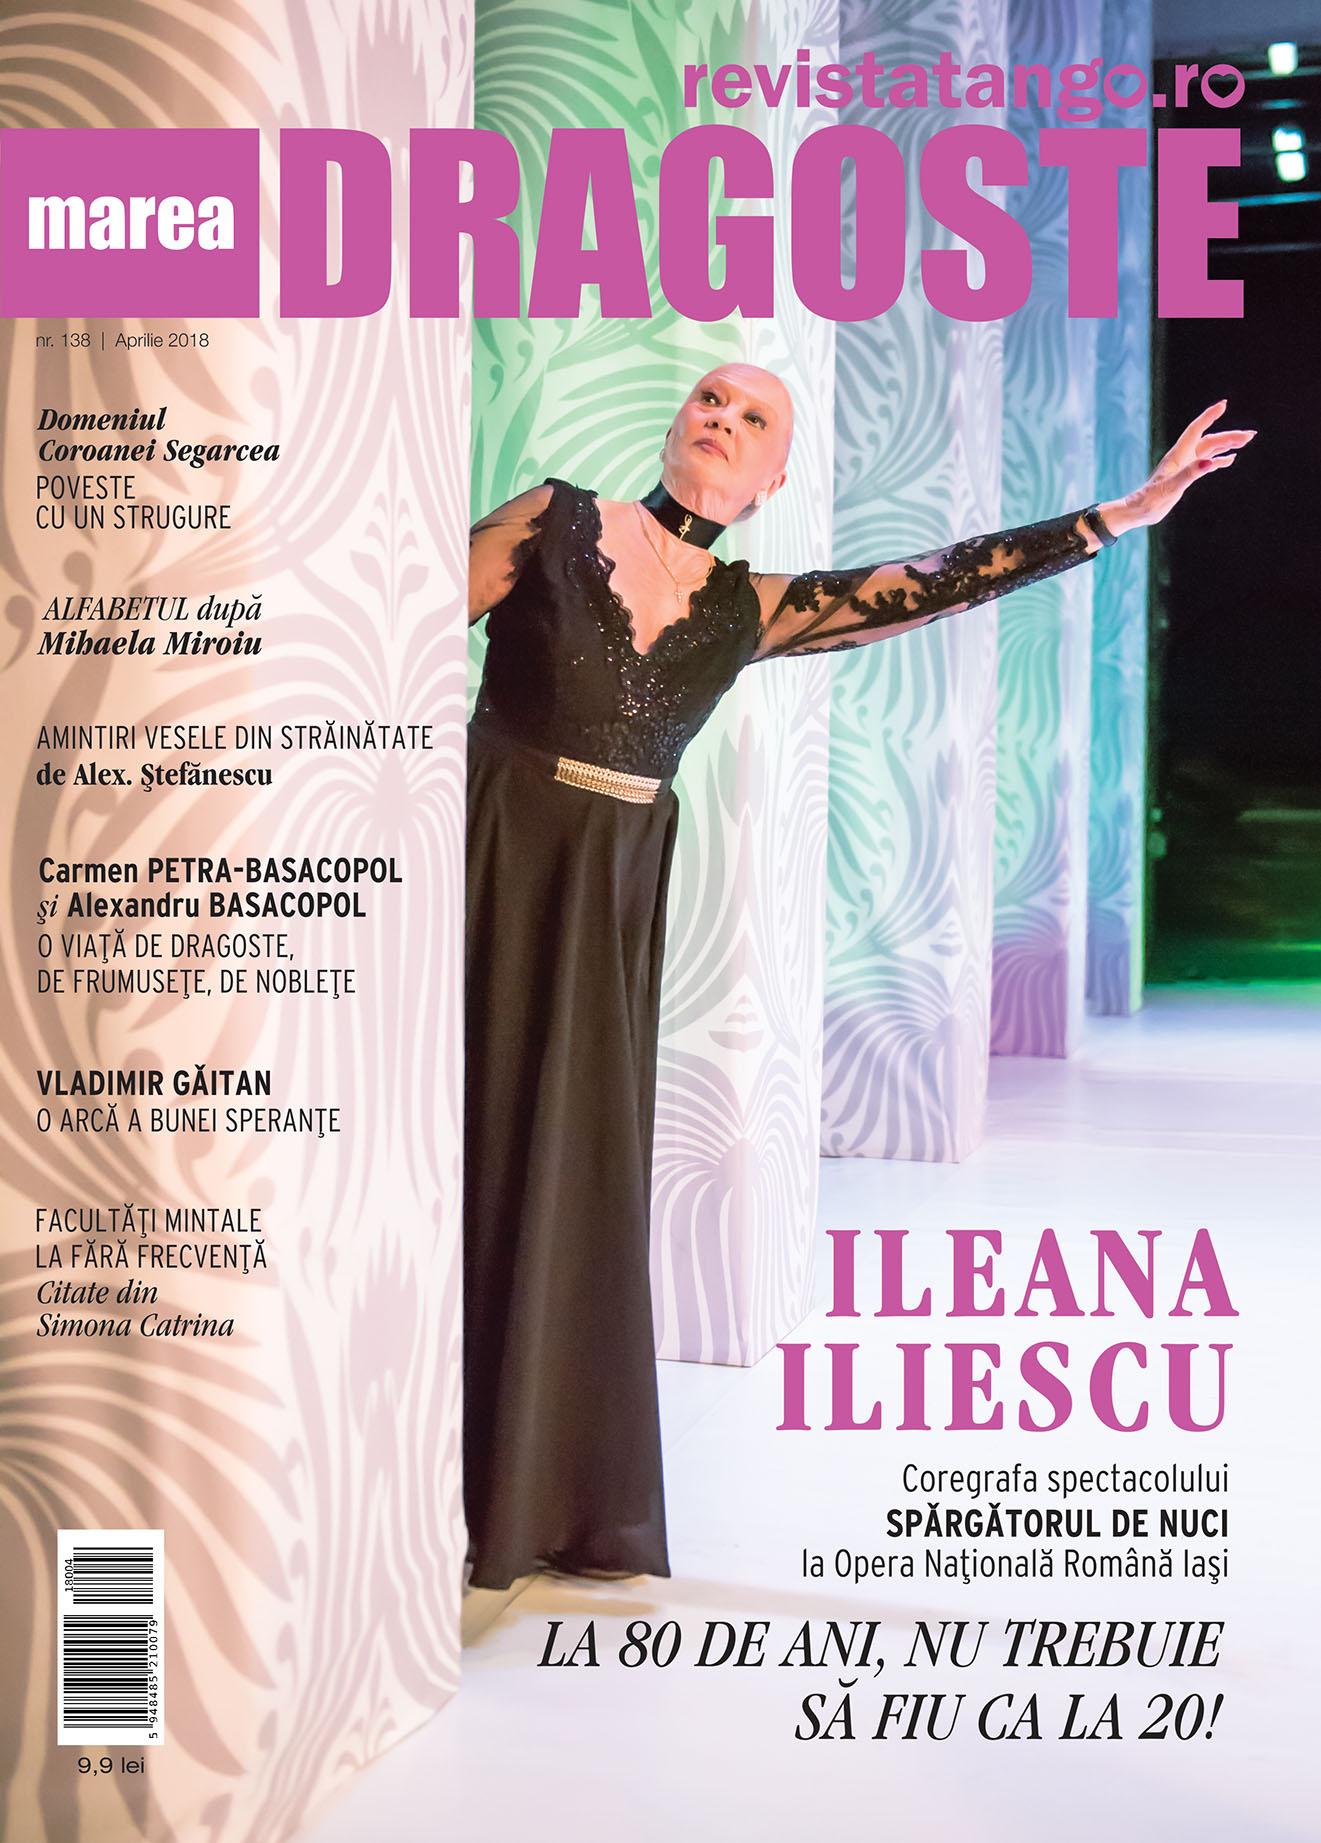 Ileana Iliescu pe coperta Marea Dragoste-revistatango.ro, nr. 138, aprilie 2018